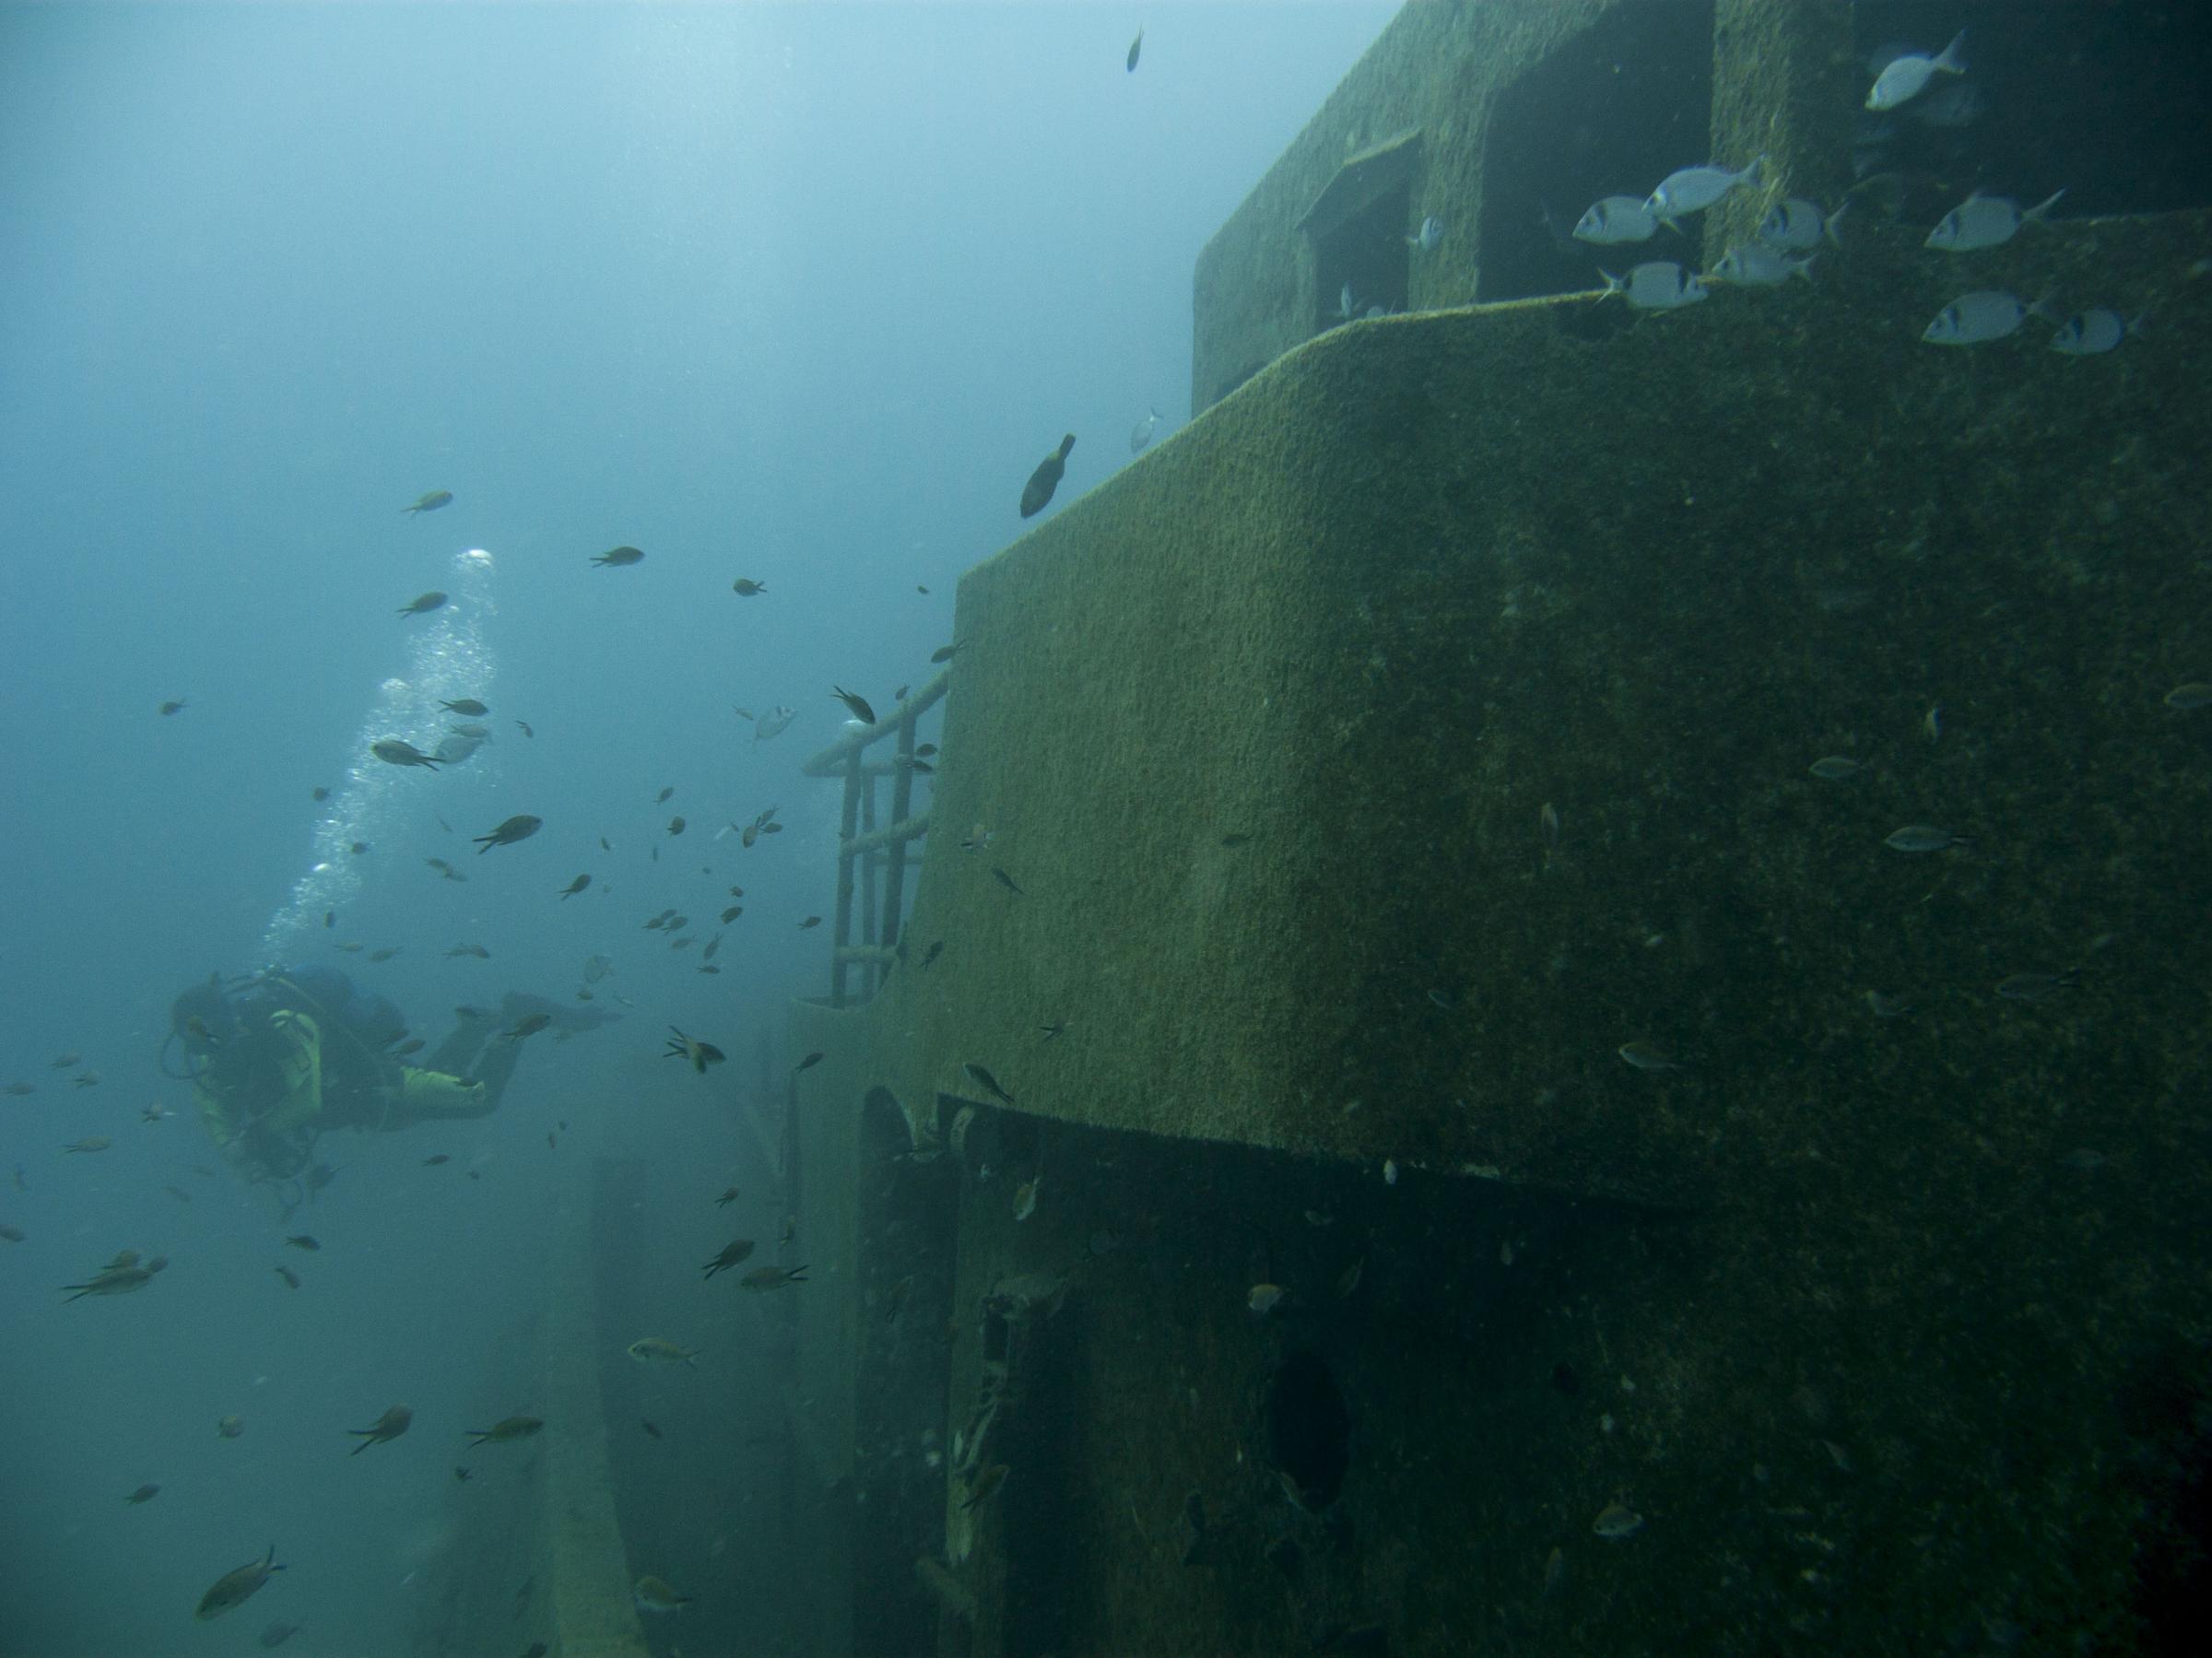 Diver and fish at Tug 2